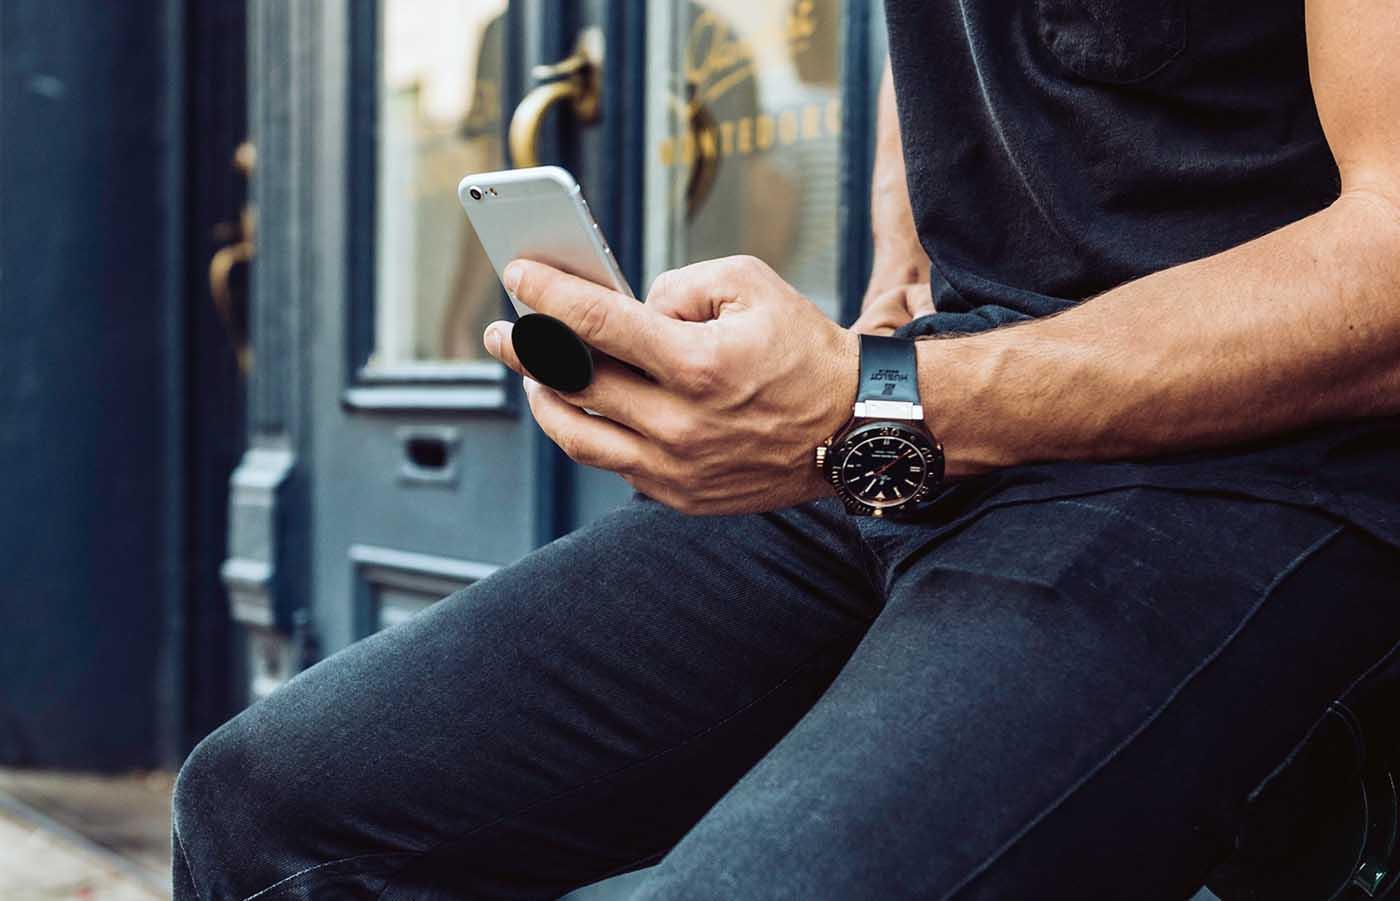 PopSockets, el accesorio para sujetar tu smartphone que arrasa gracias a las celebridades